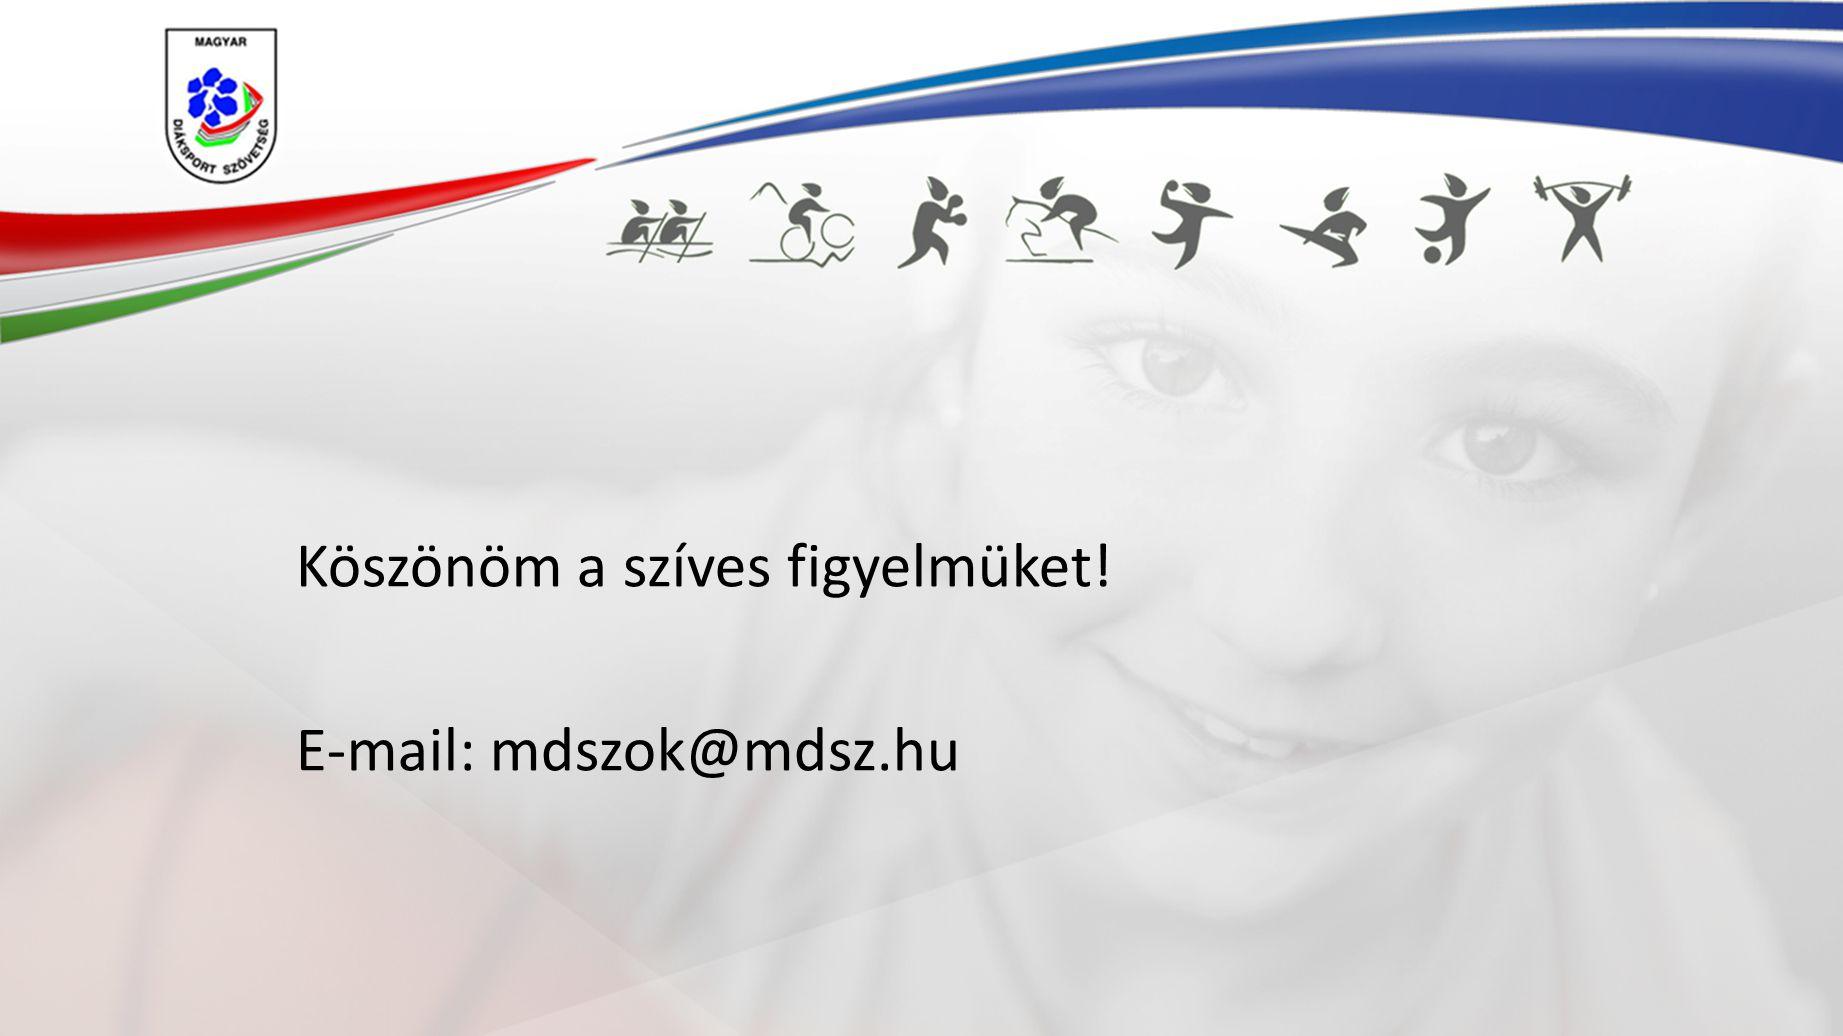 Köszönöm a szíves figyelmüket! E-mail: mdszok@mdsz.hu